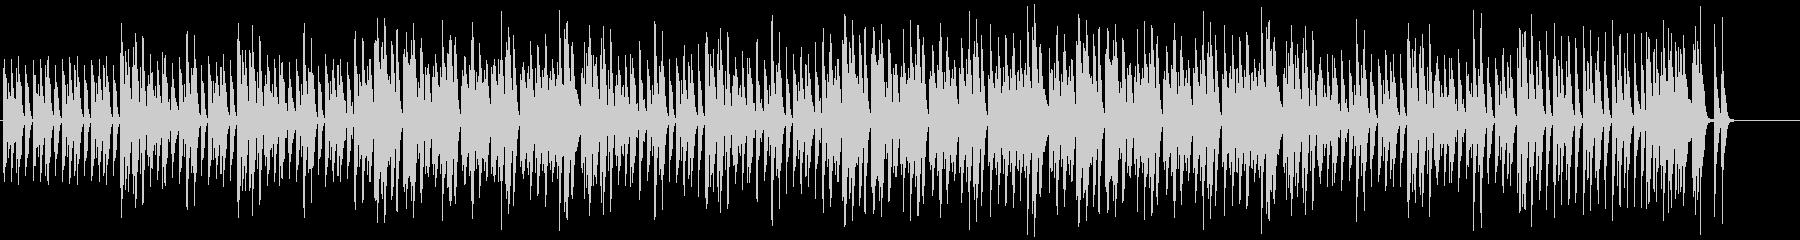 キラキラで可愛いポップなBGMの未再生の波形